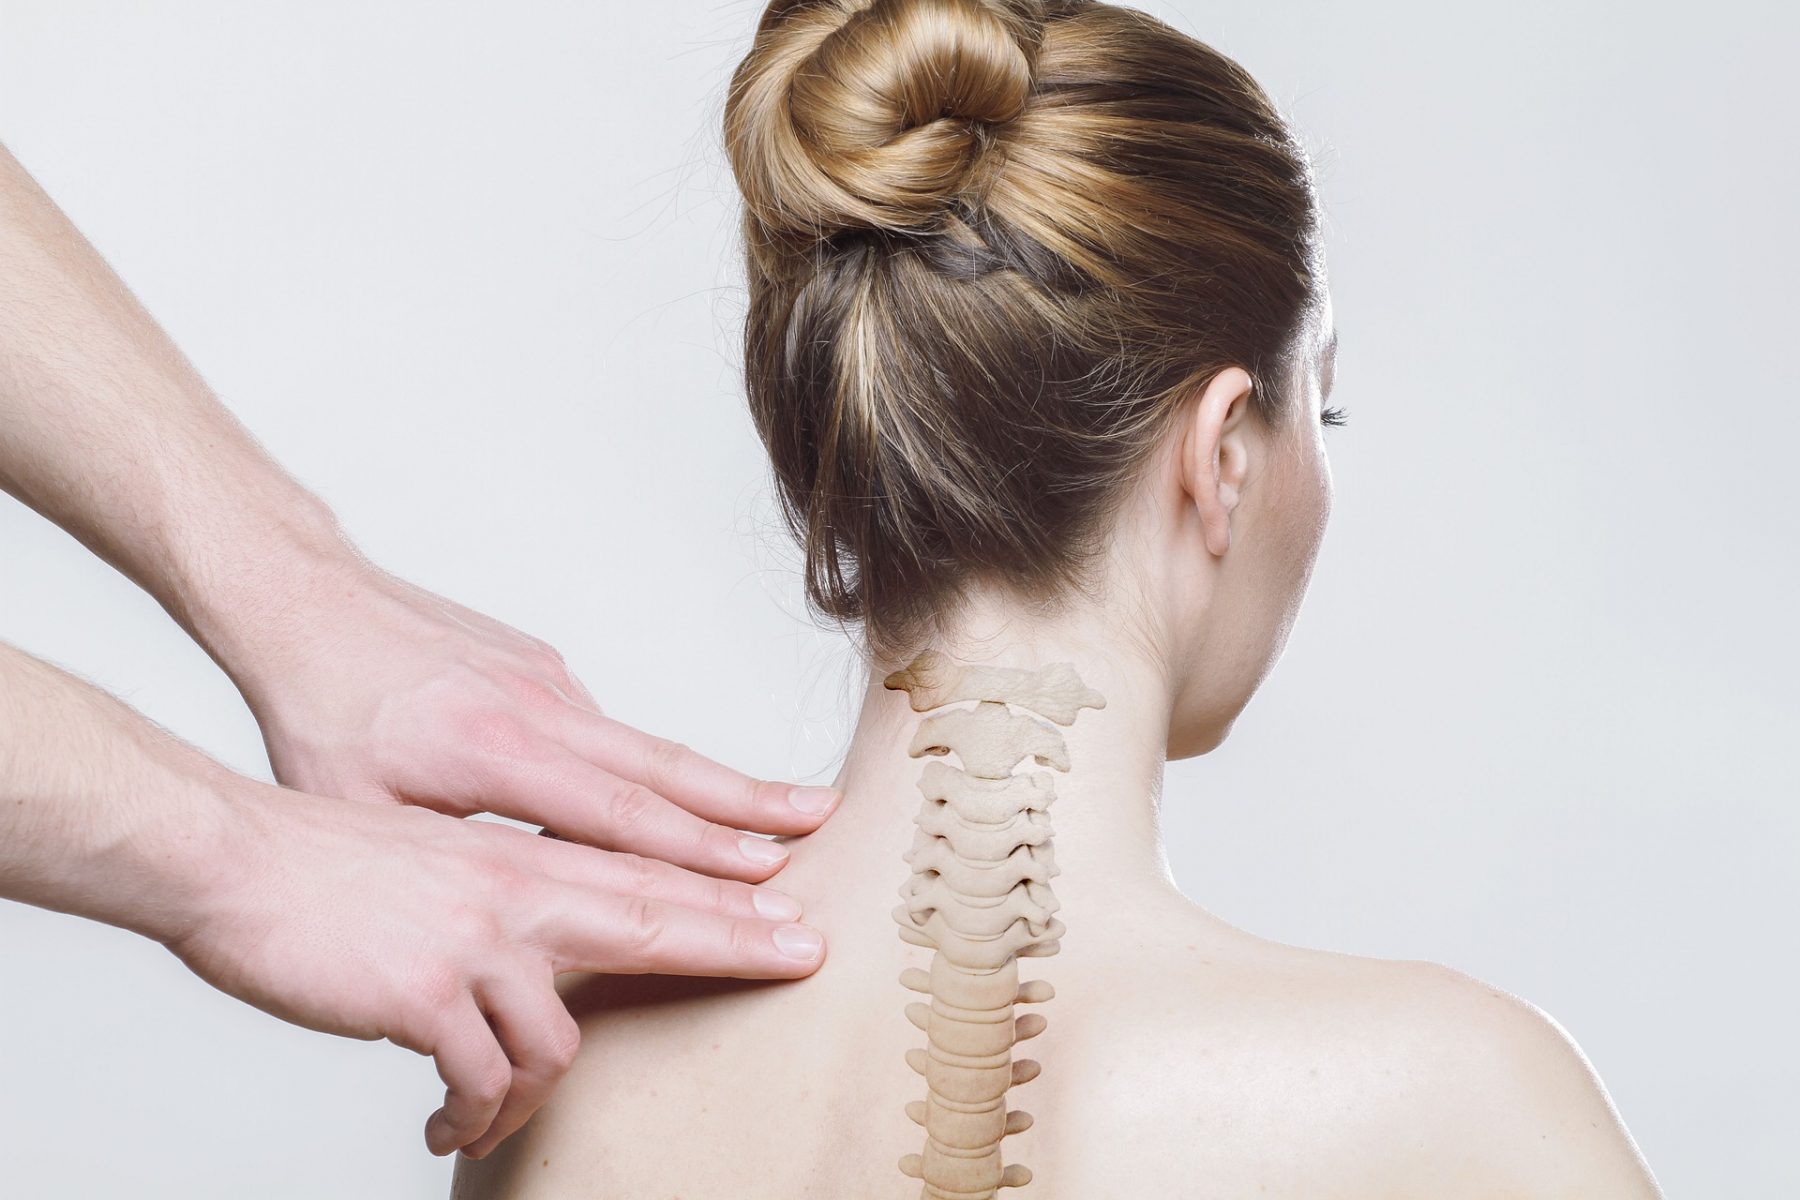 Νέα Ζηλανδία: Εγχείριση στην πλάτη η πιο ακριβή αξίωση ασφάλισης υγείας